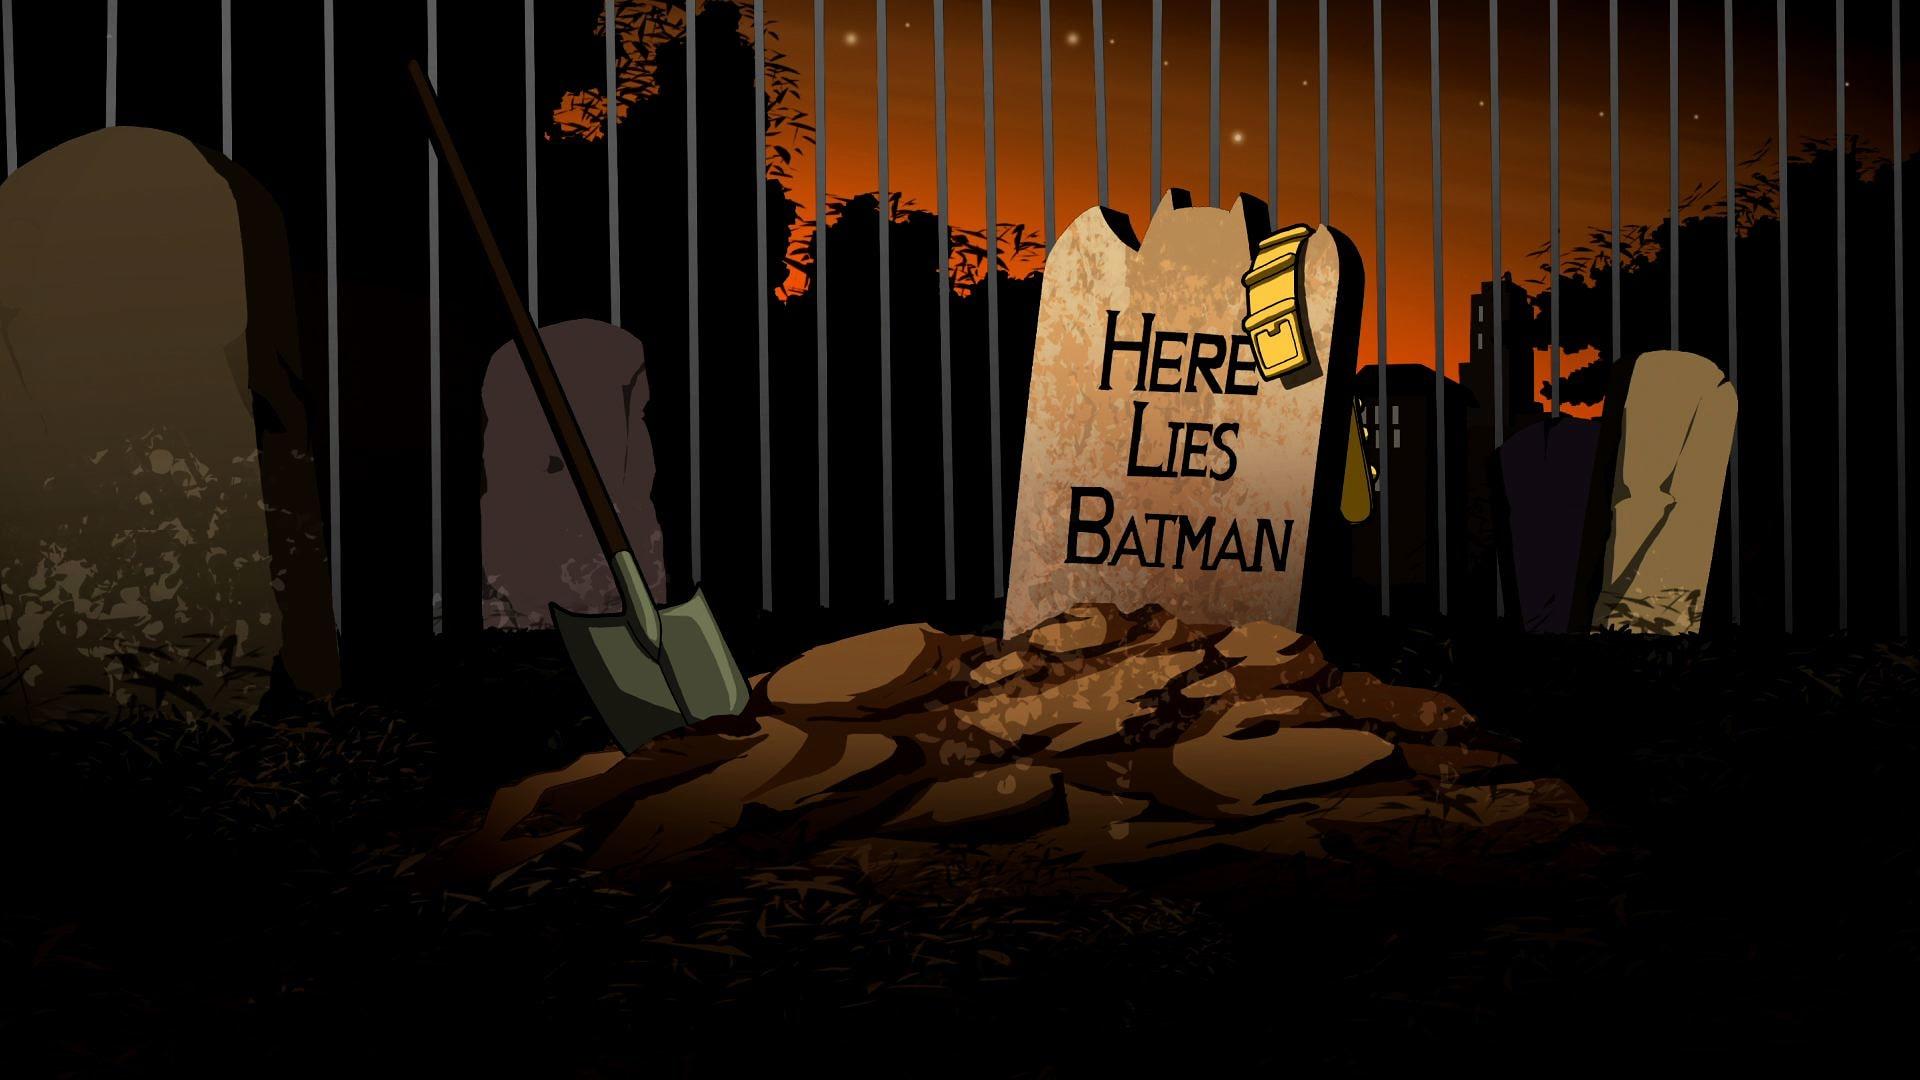 here lies batman